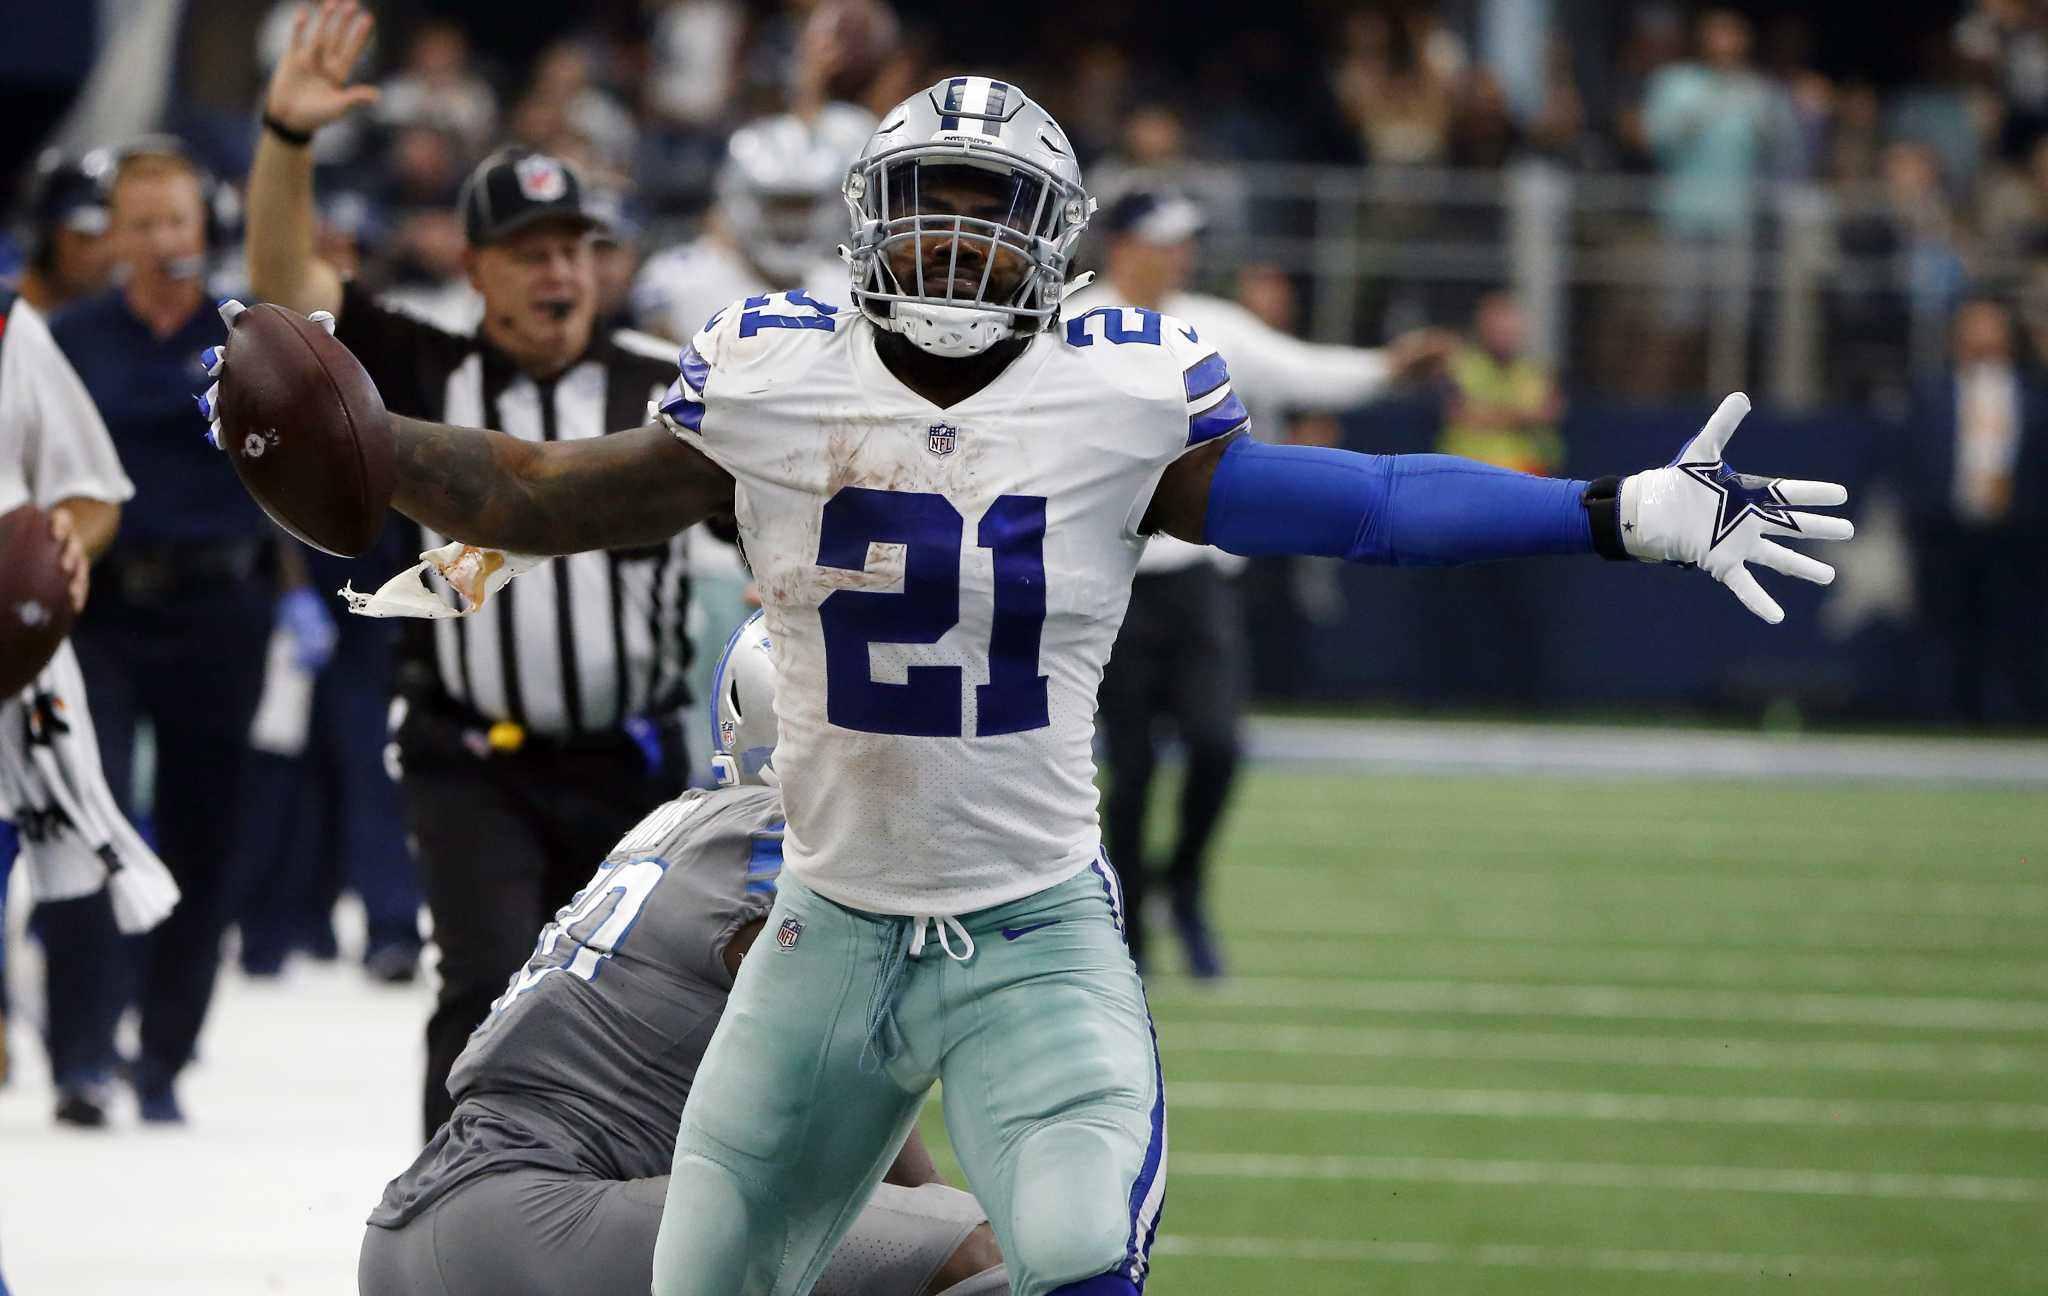 fc7528f0ee7 Cowboys en Español: El Reto VS Texans, Porque Bryant No Volverá. Share;  Tweet. ADVERTISEMENT. In Running Back Ezekiel Elliott, the Dallas ...